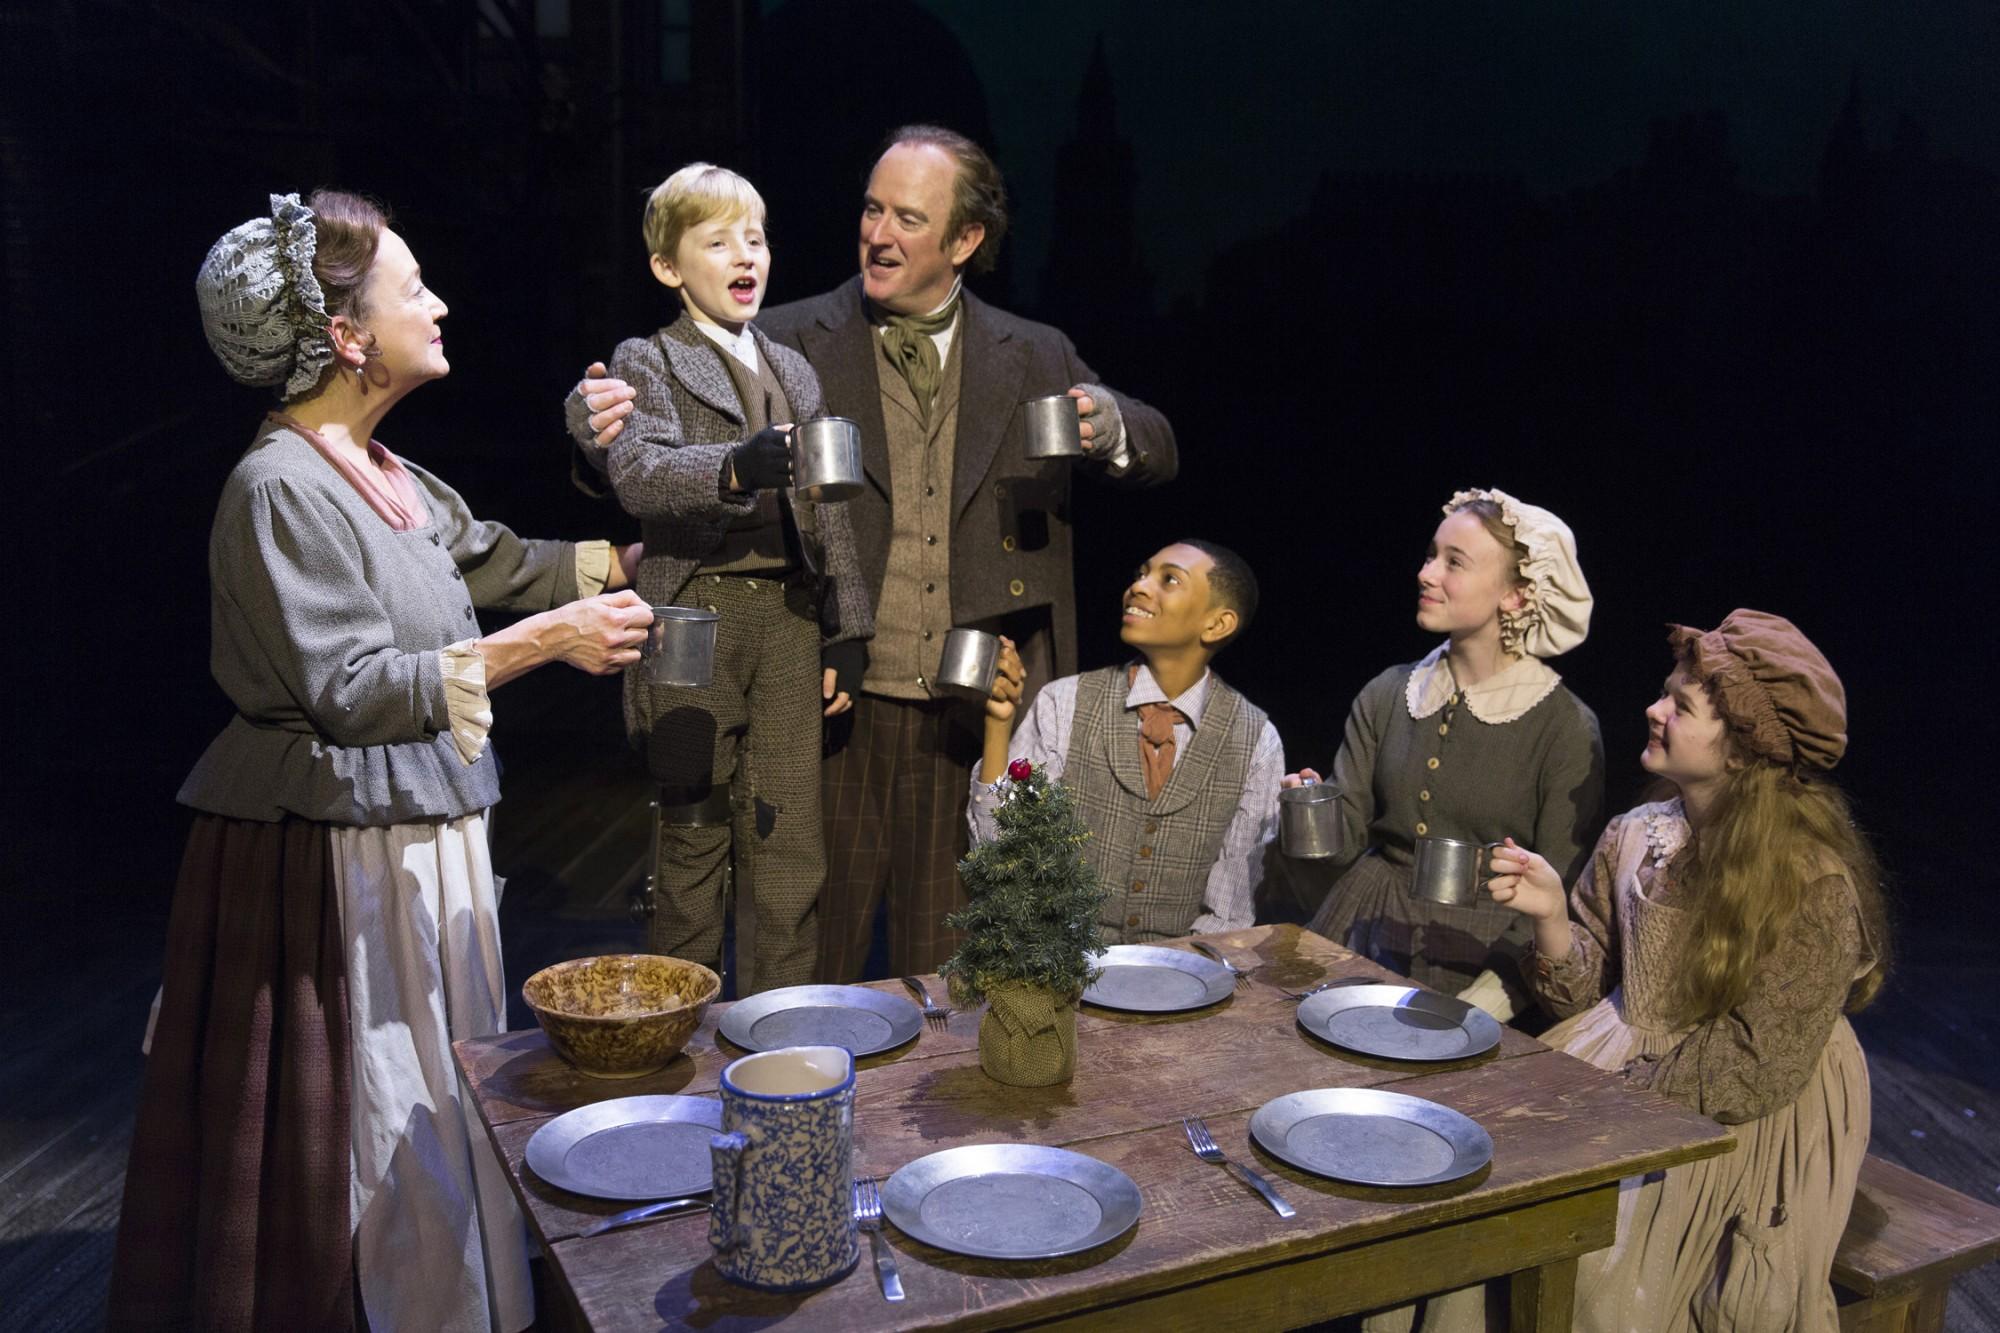 Cast Of A Christmas Carol.A Christmas Carol 2015 Fords Theatre